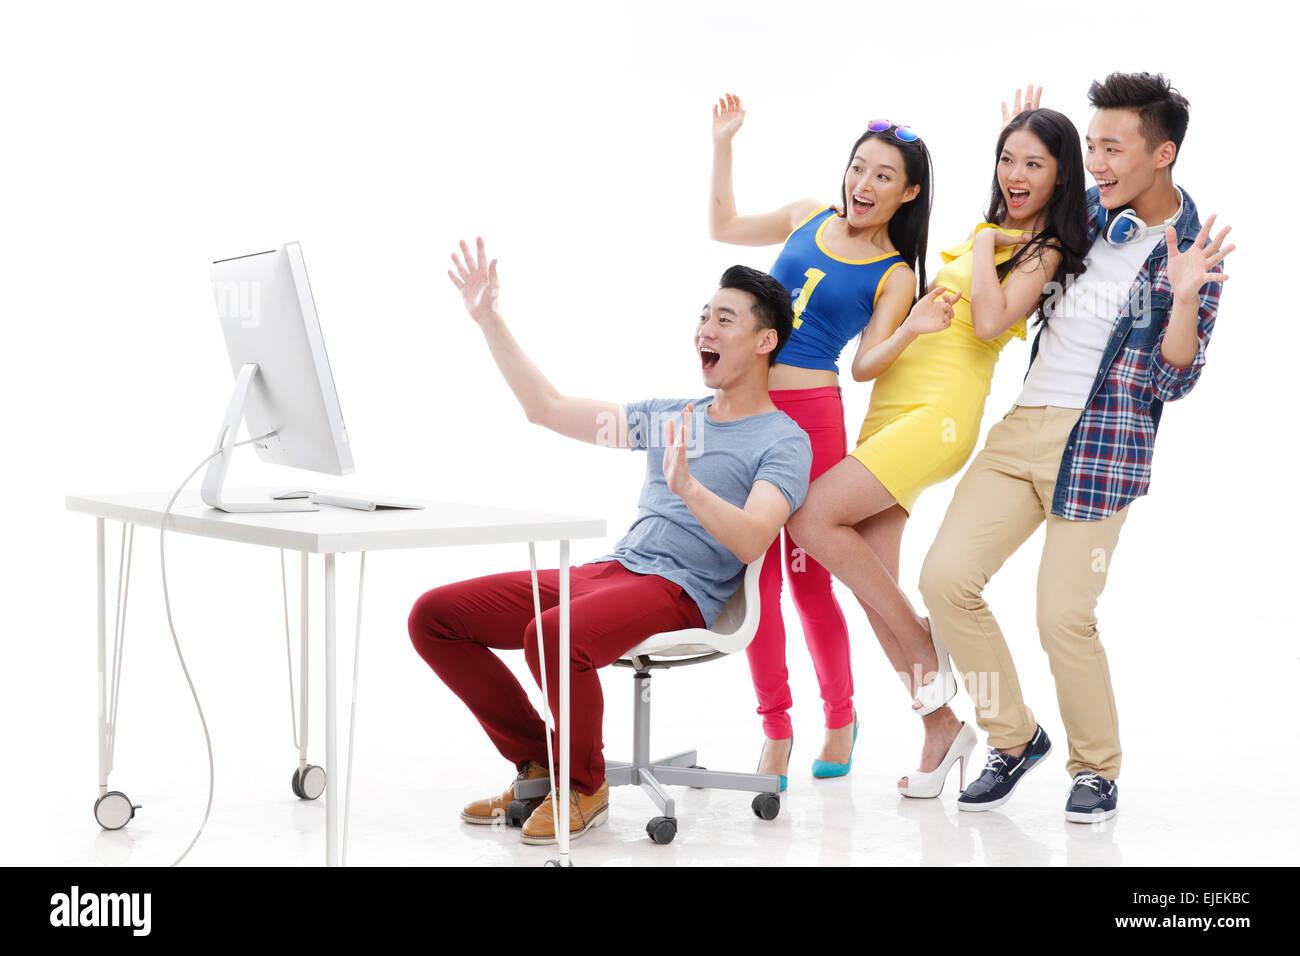 Emozionante giovani guardando i monitor dei computer Immagini Stock